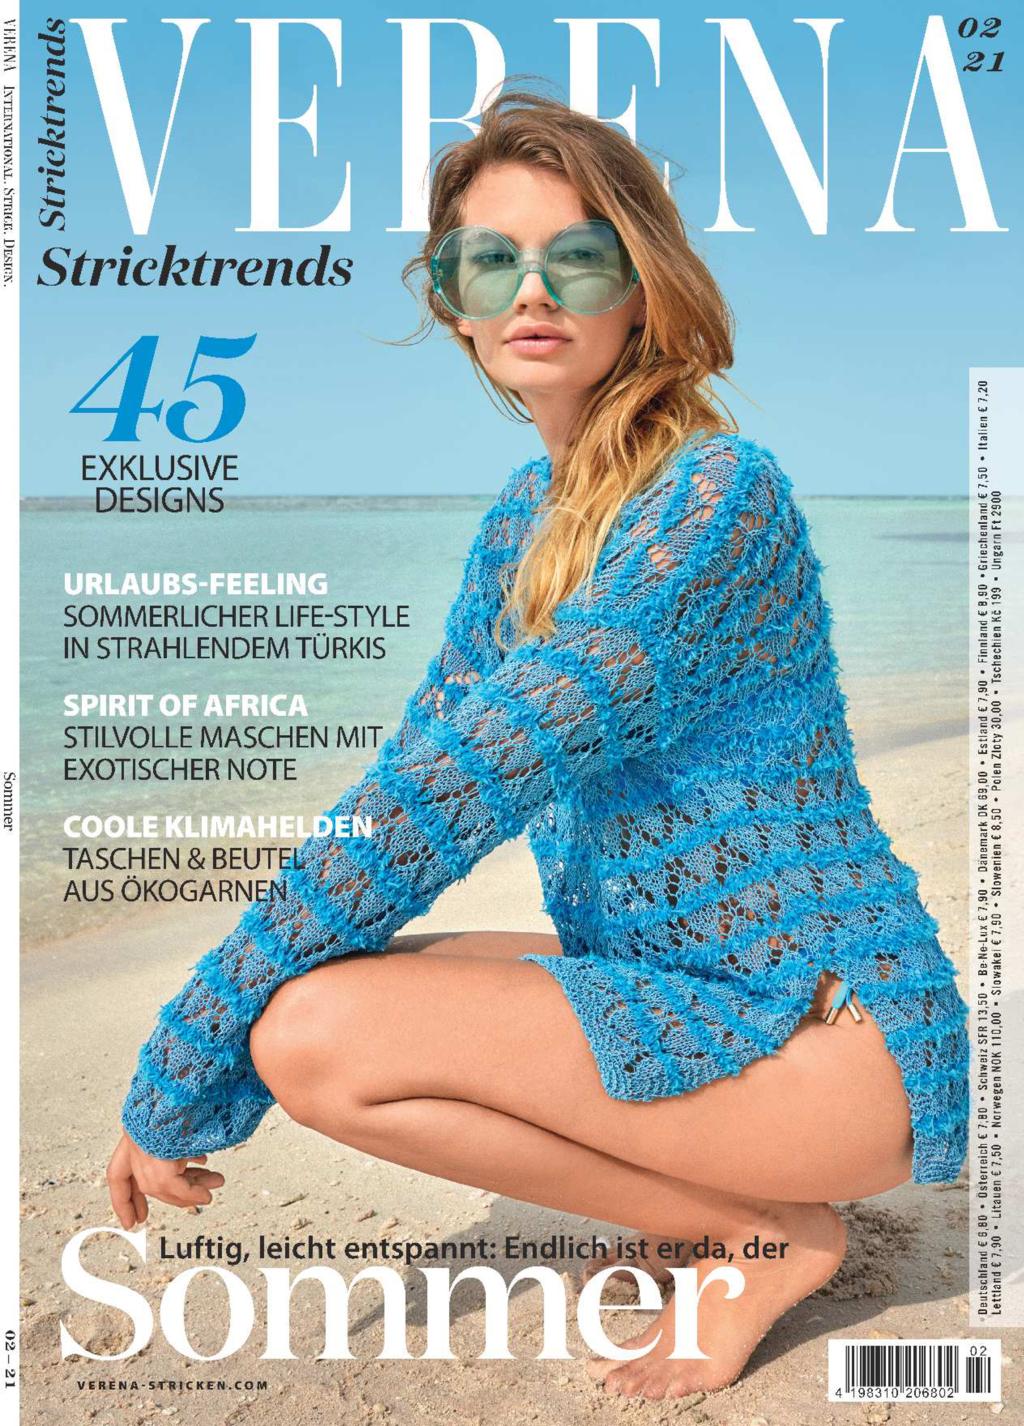 Verena Stricktrends 02/2021 - Sommer!